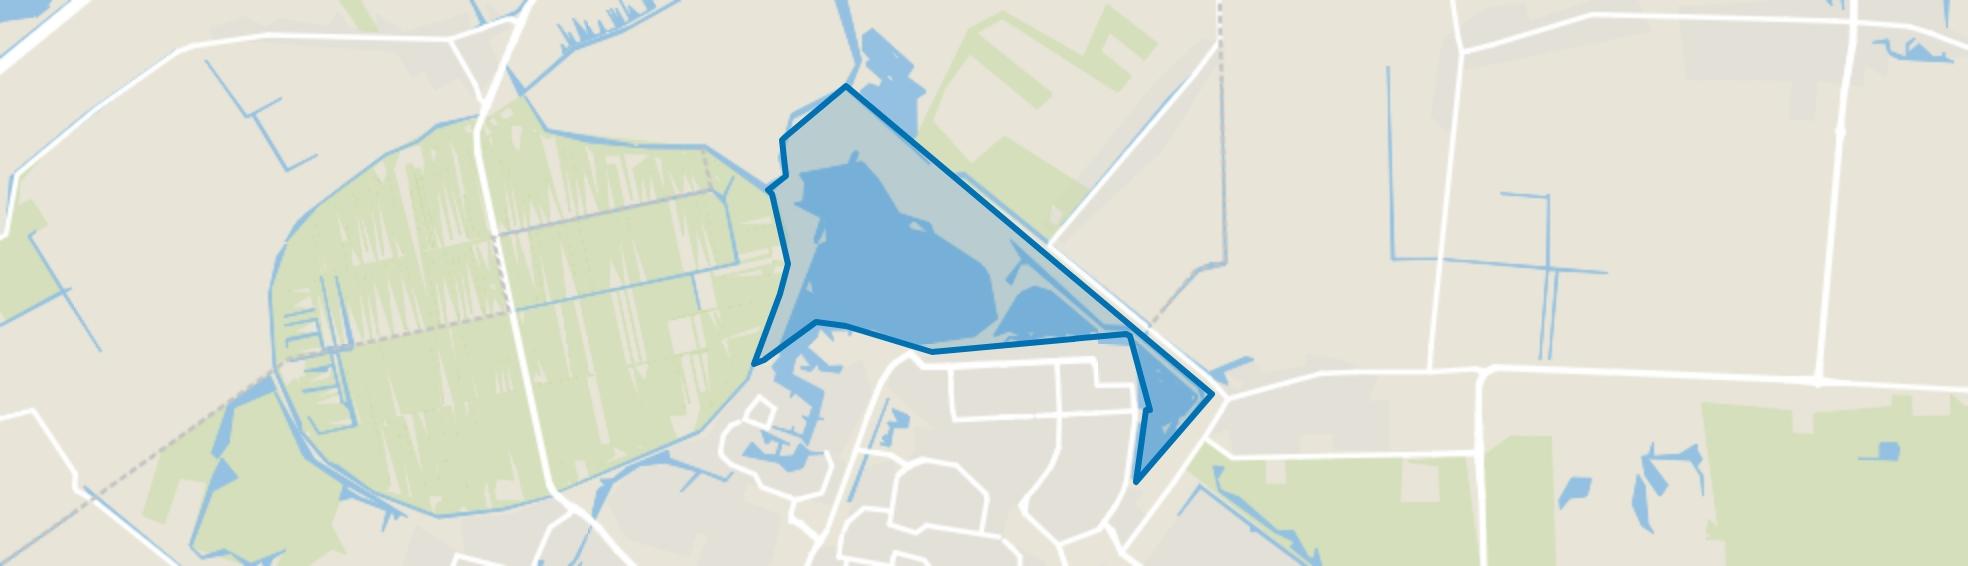 Scheidingszone, Zoetermeer map